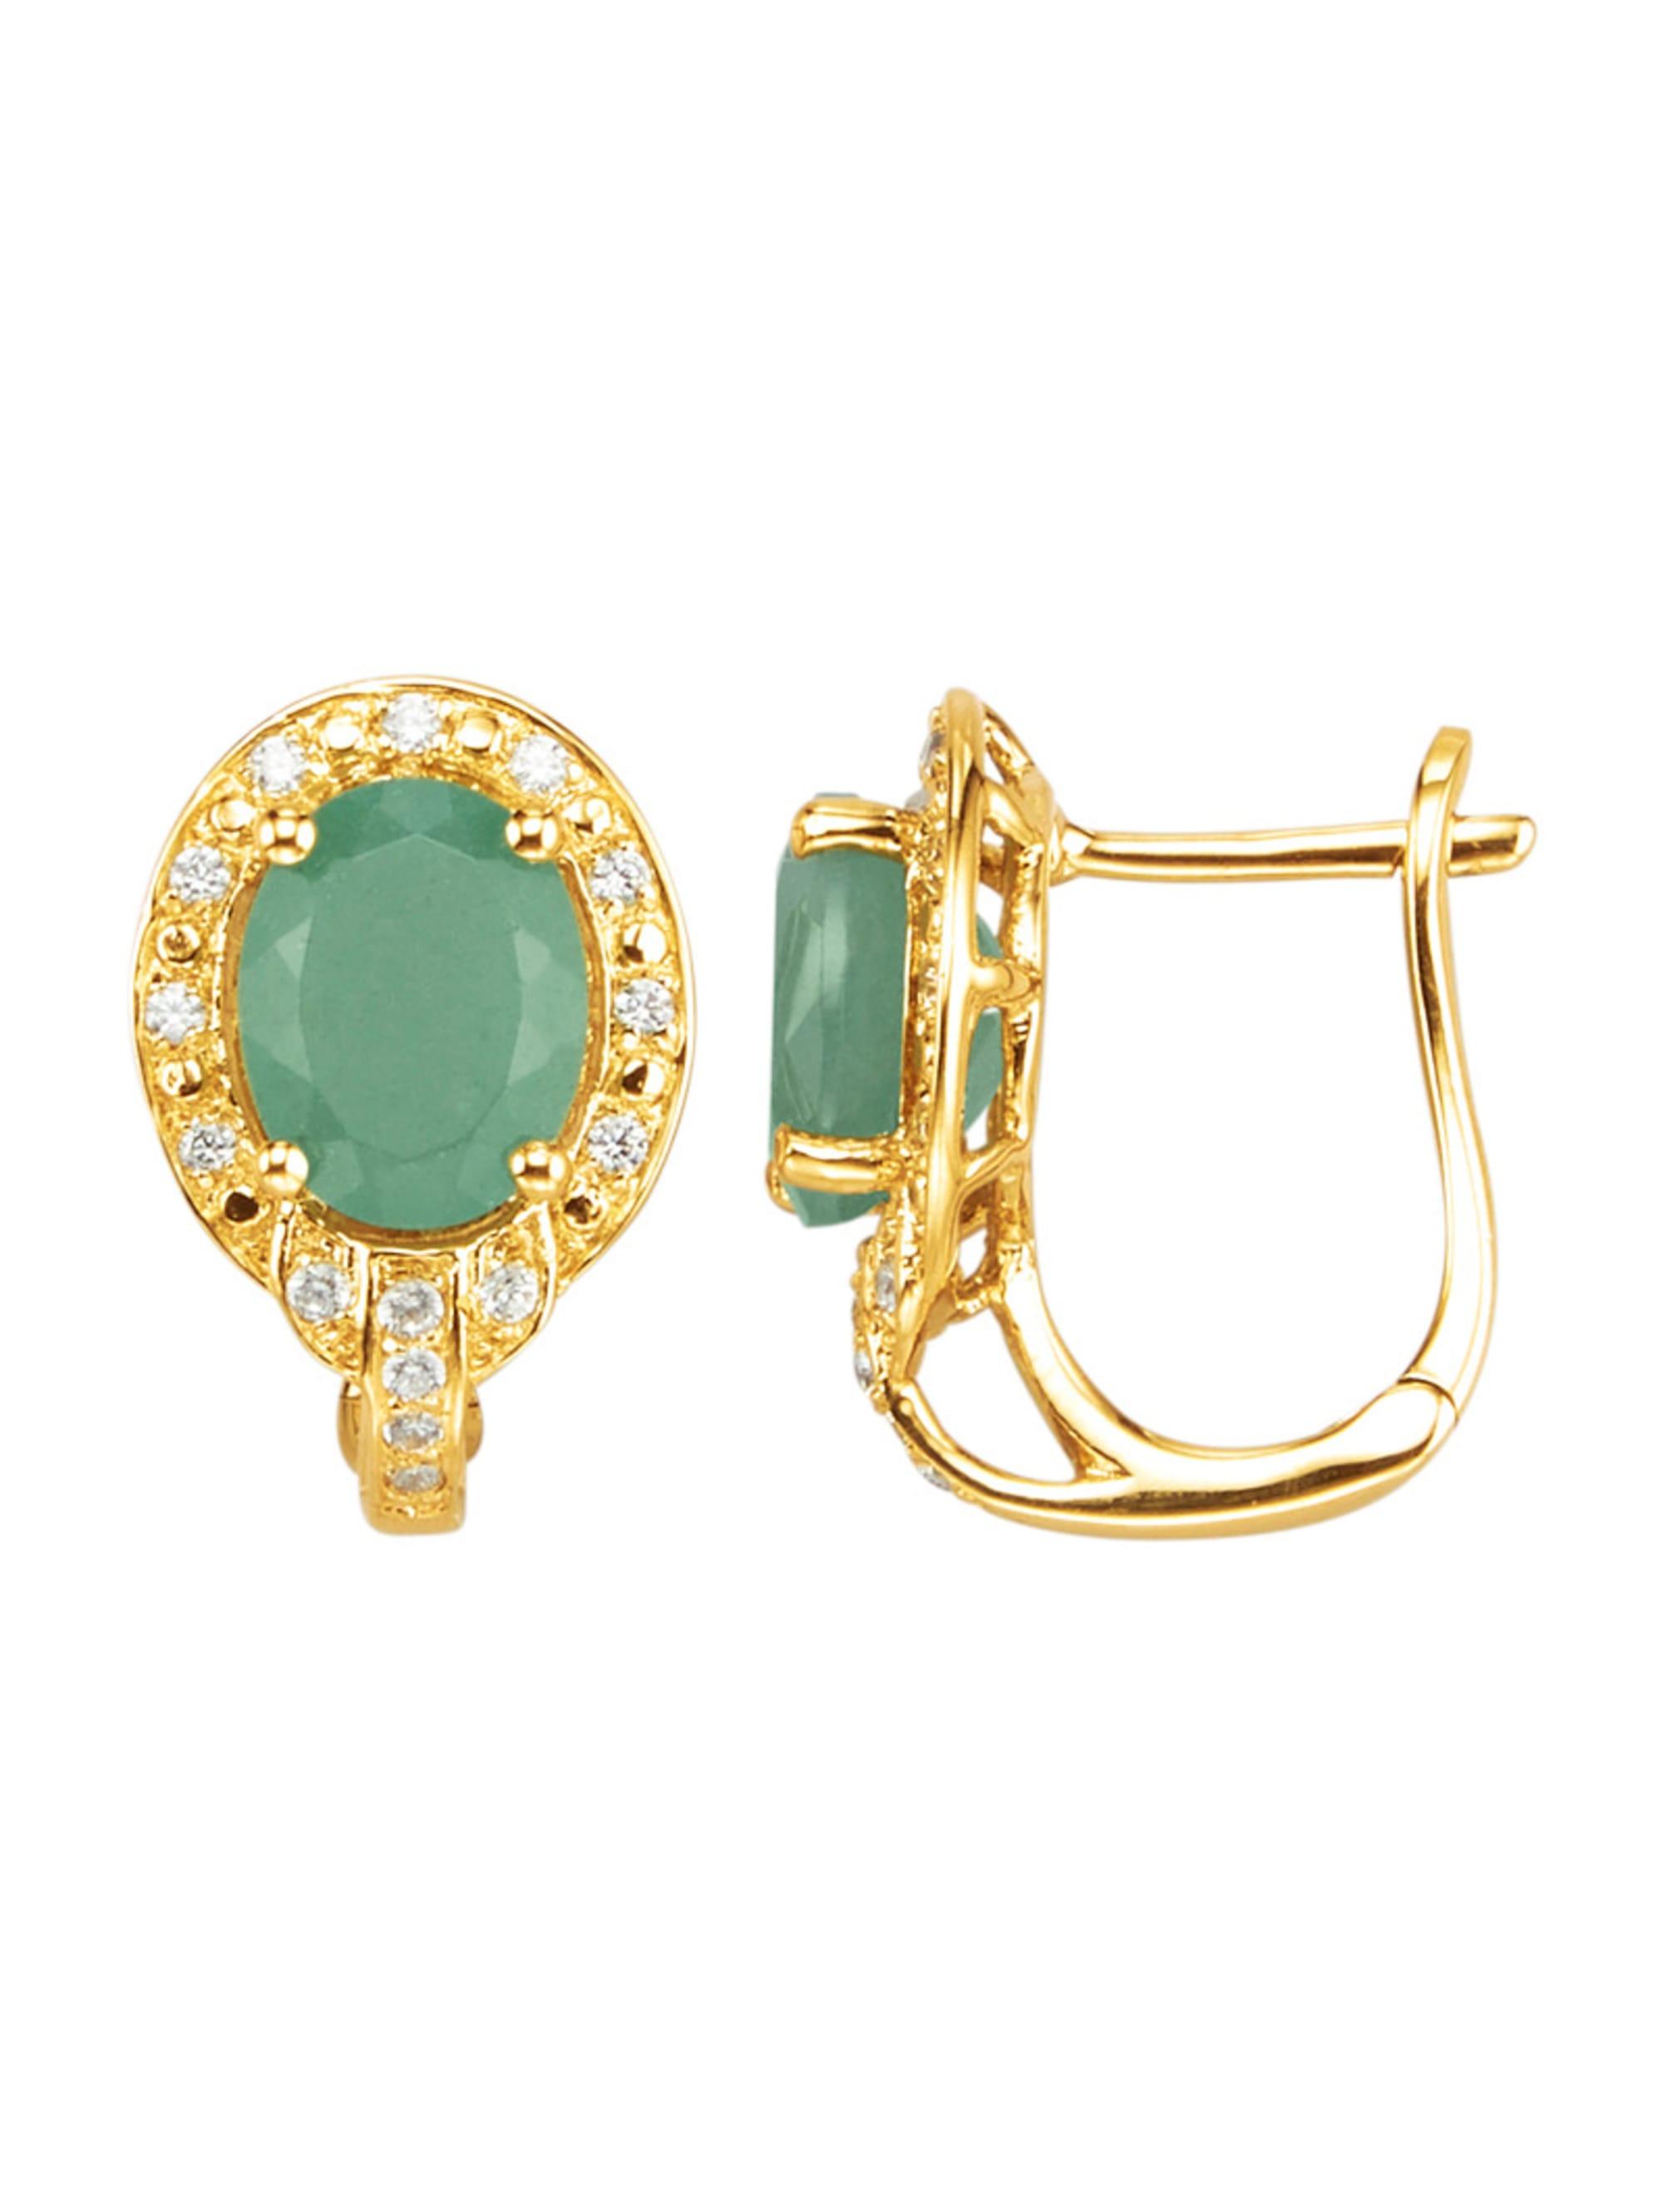 Ohrringe in Silber 925, vergoldet in Silber 925, vergoldet X4YRi